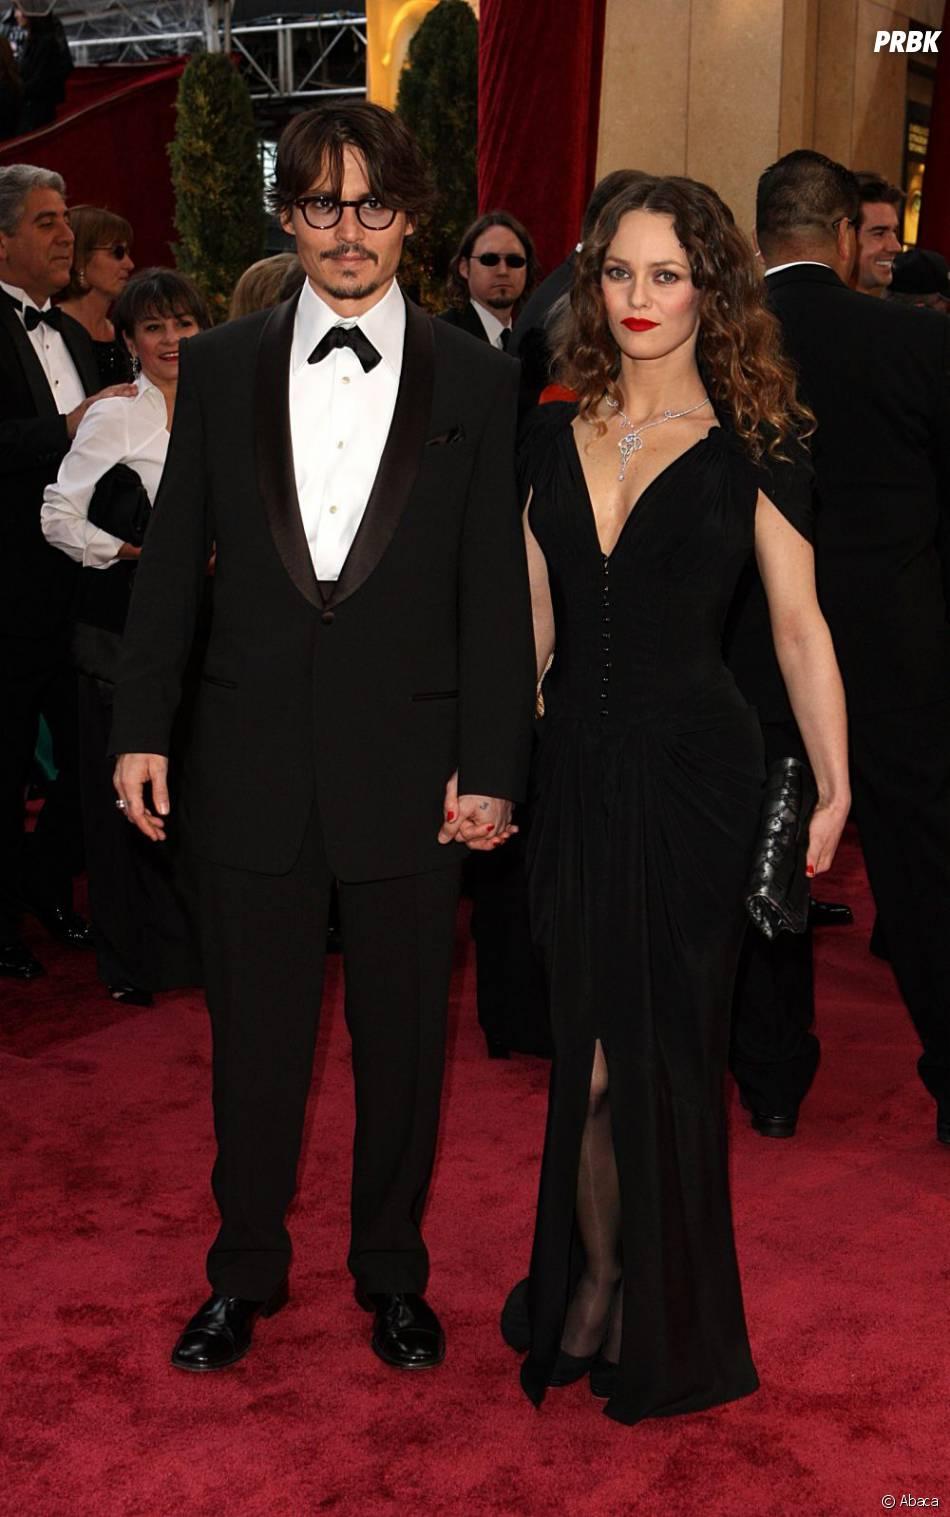 Fausses rumeurs de séparation pour Vanessa Paradis et Johnny Depp